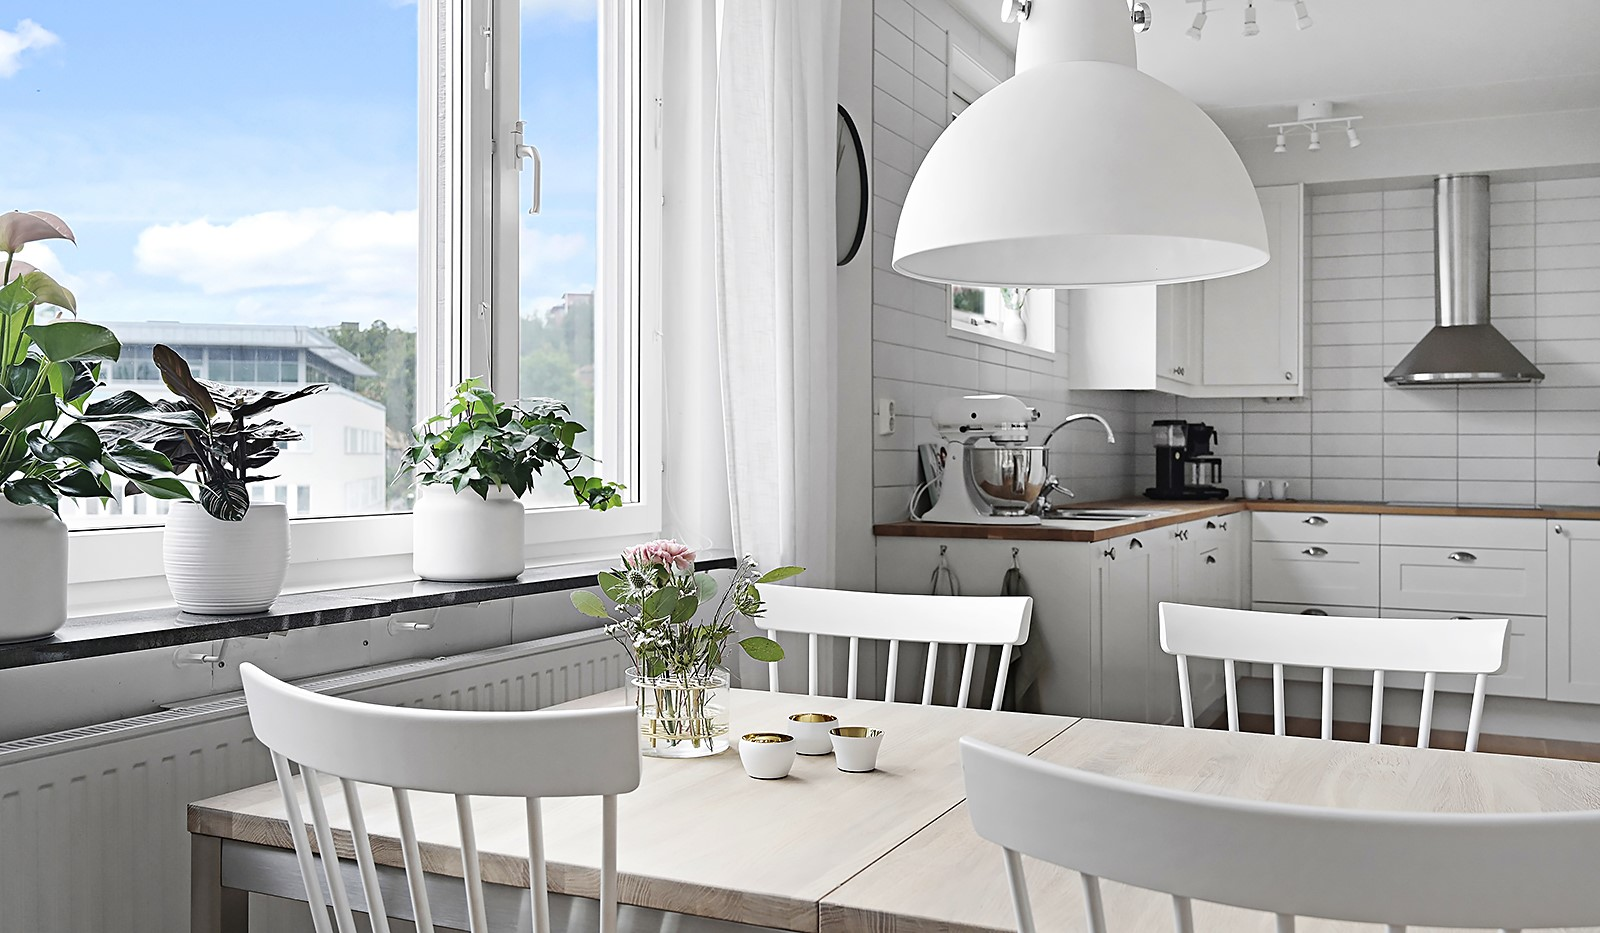 Grönbrinksgatan 8, 6 tr - I anslutning till köket ryms en ordentlig matplats framför fönster